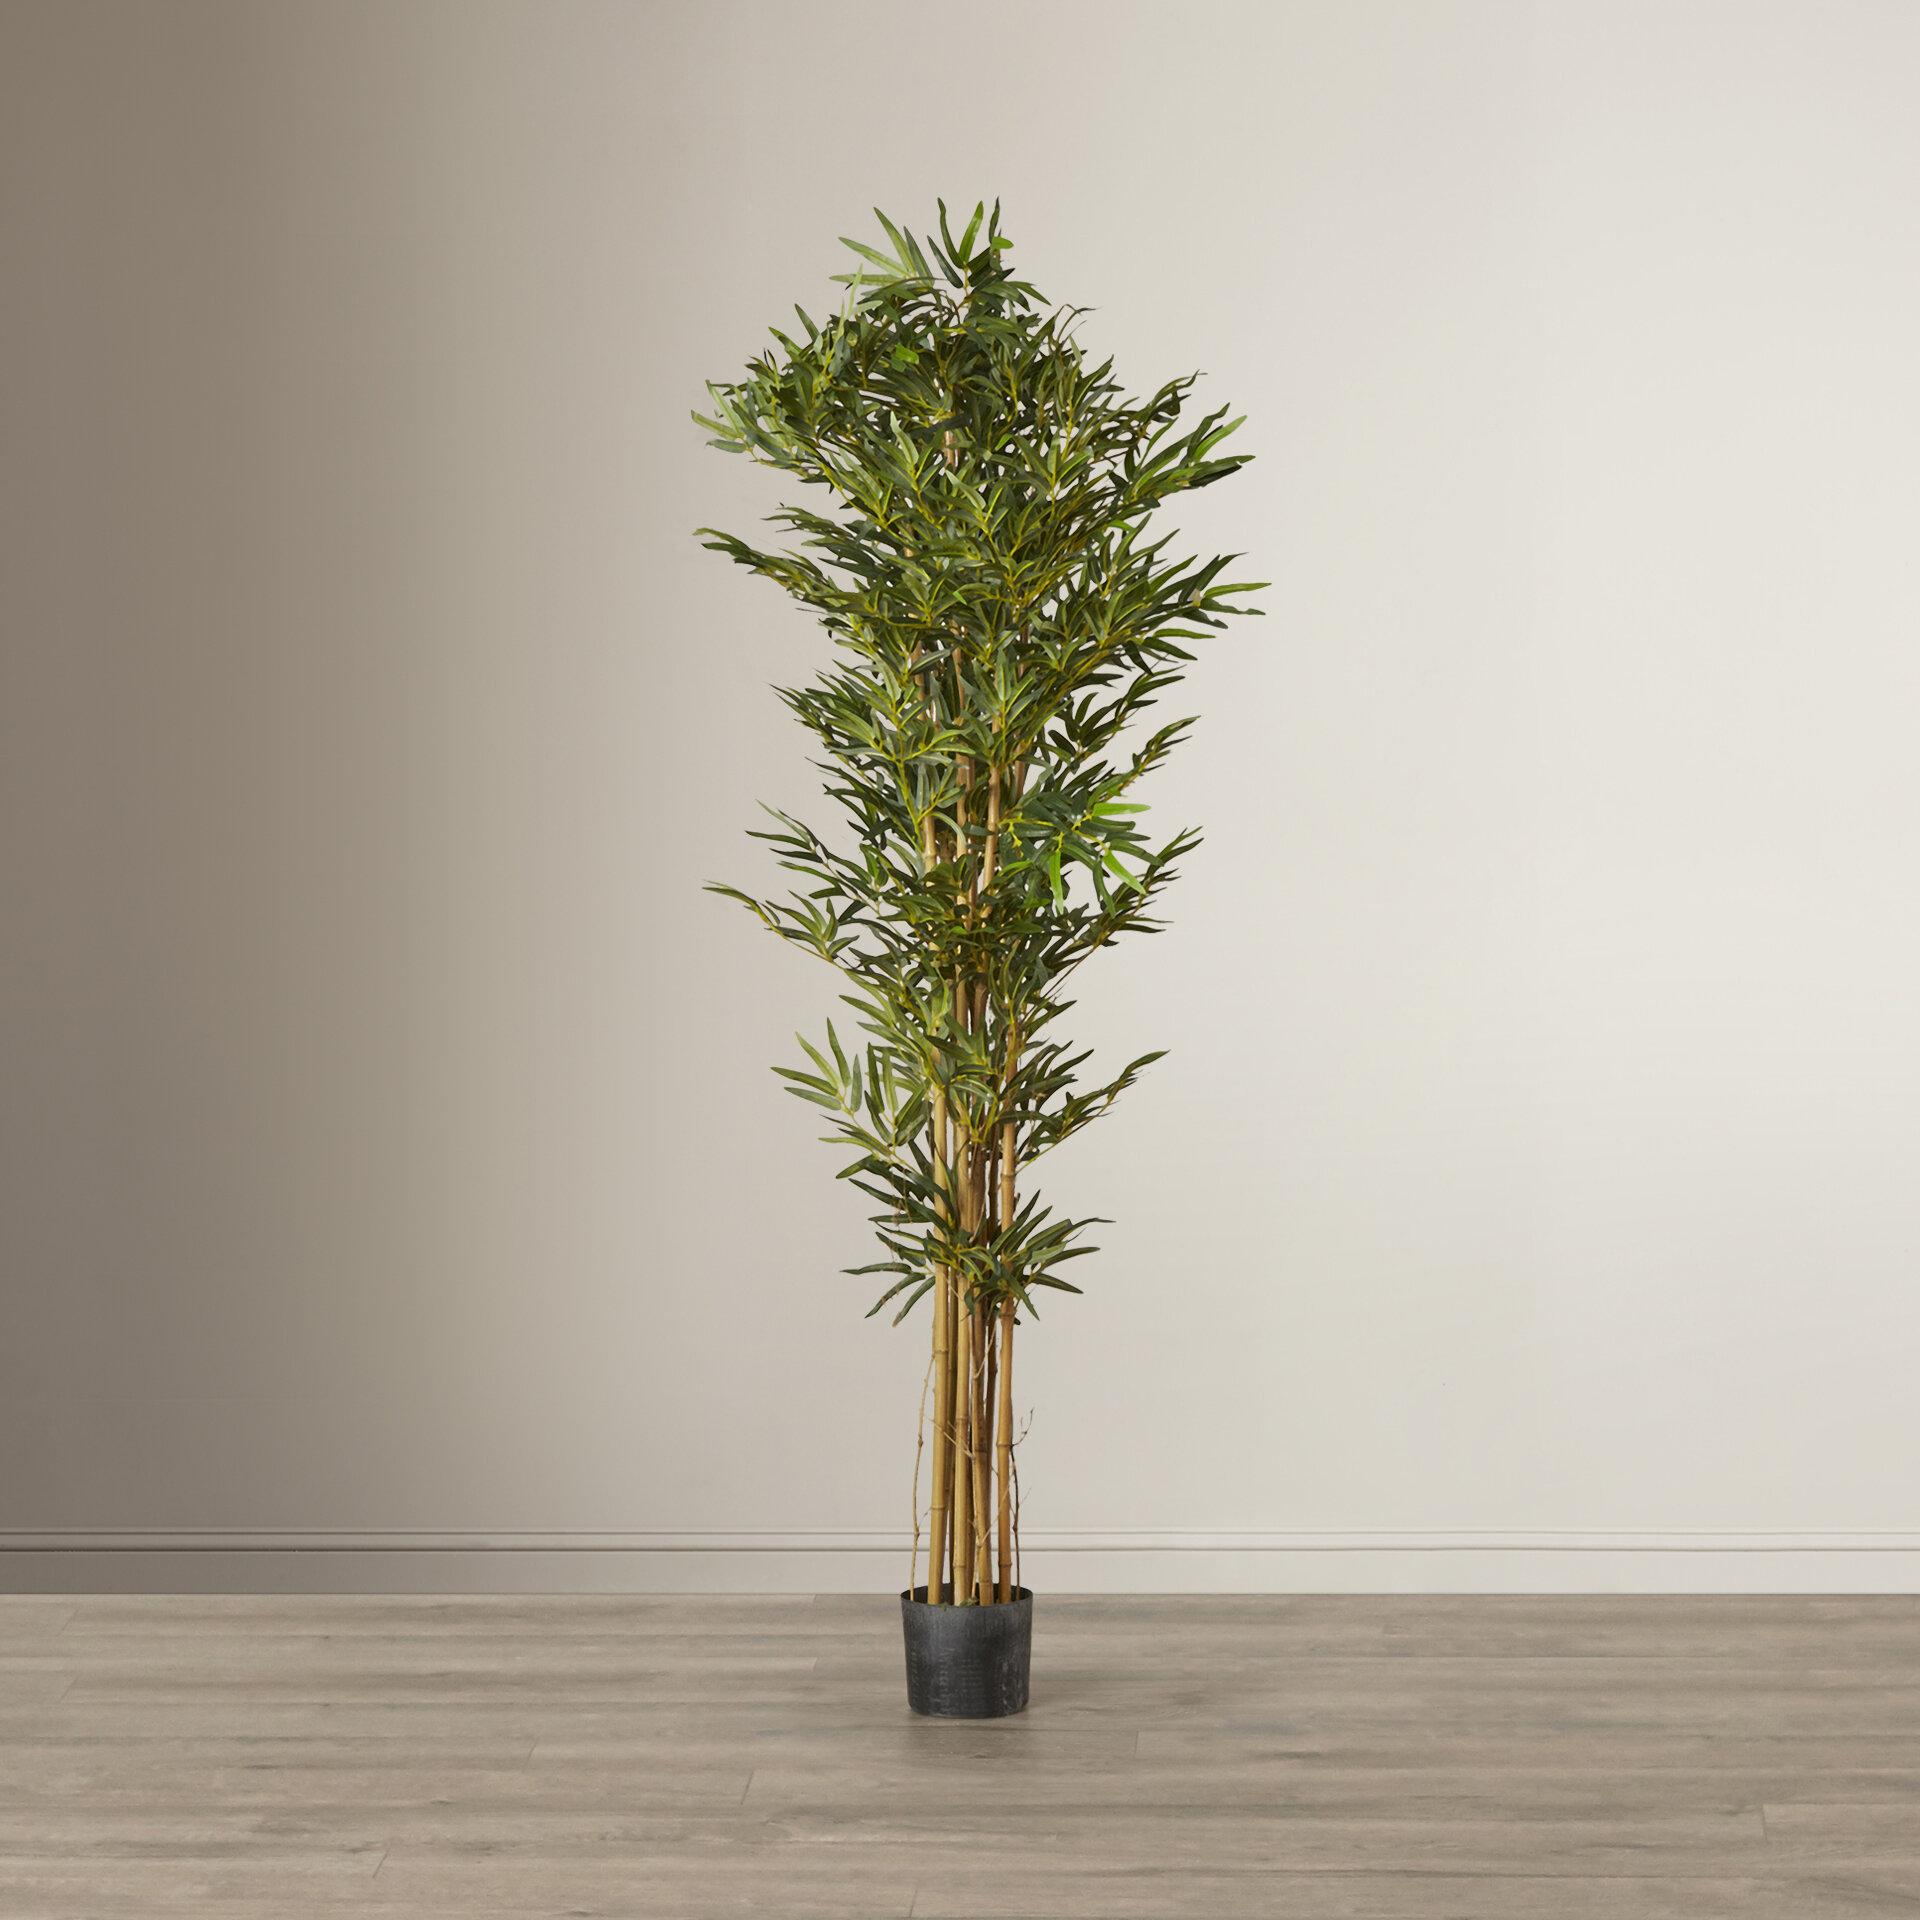 Mistana Artificial Bamboo Tree In Pot Reviews Wayfair